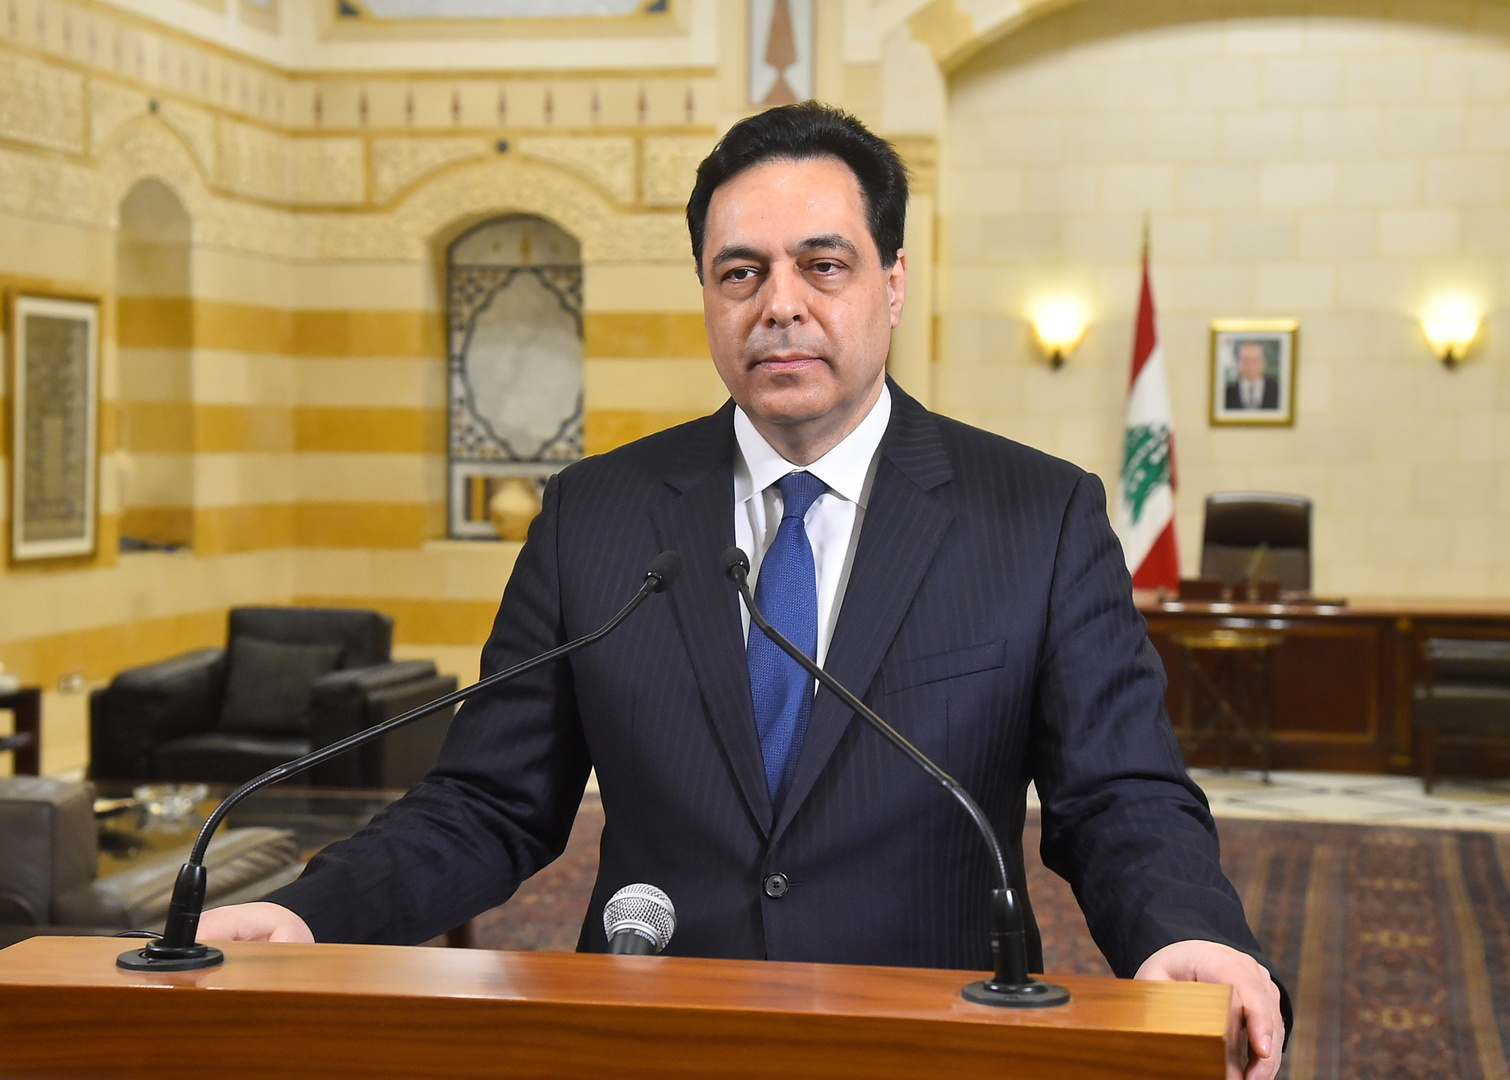 دياب: لبنان في خطر شديد واستنفذنا ما لدينا من إمكانات